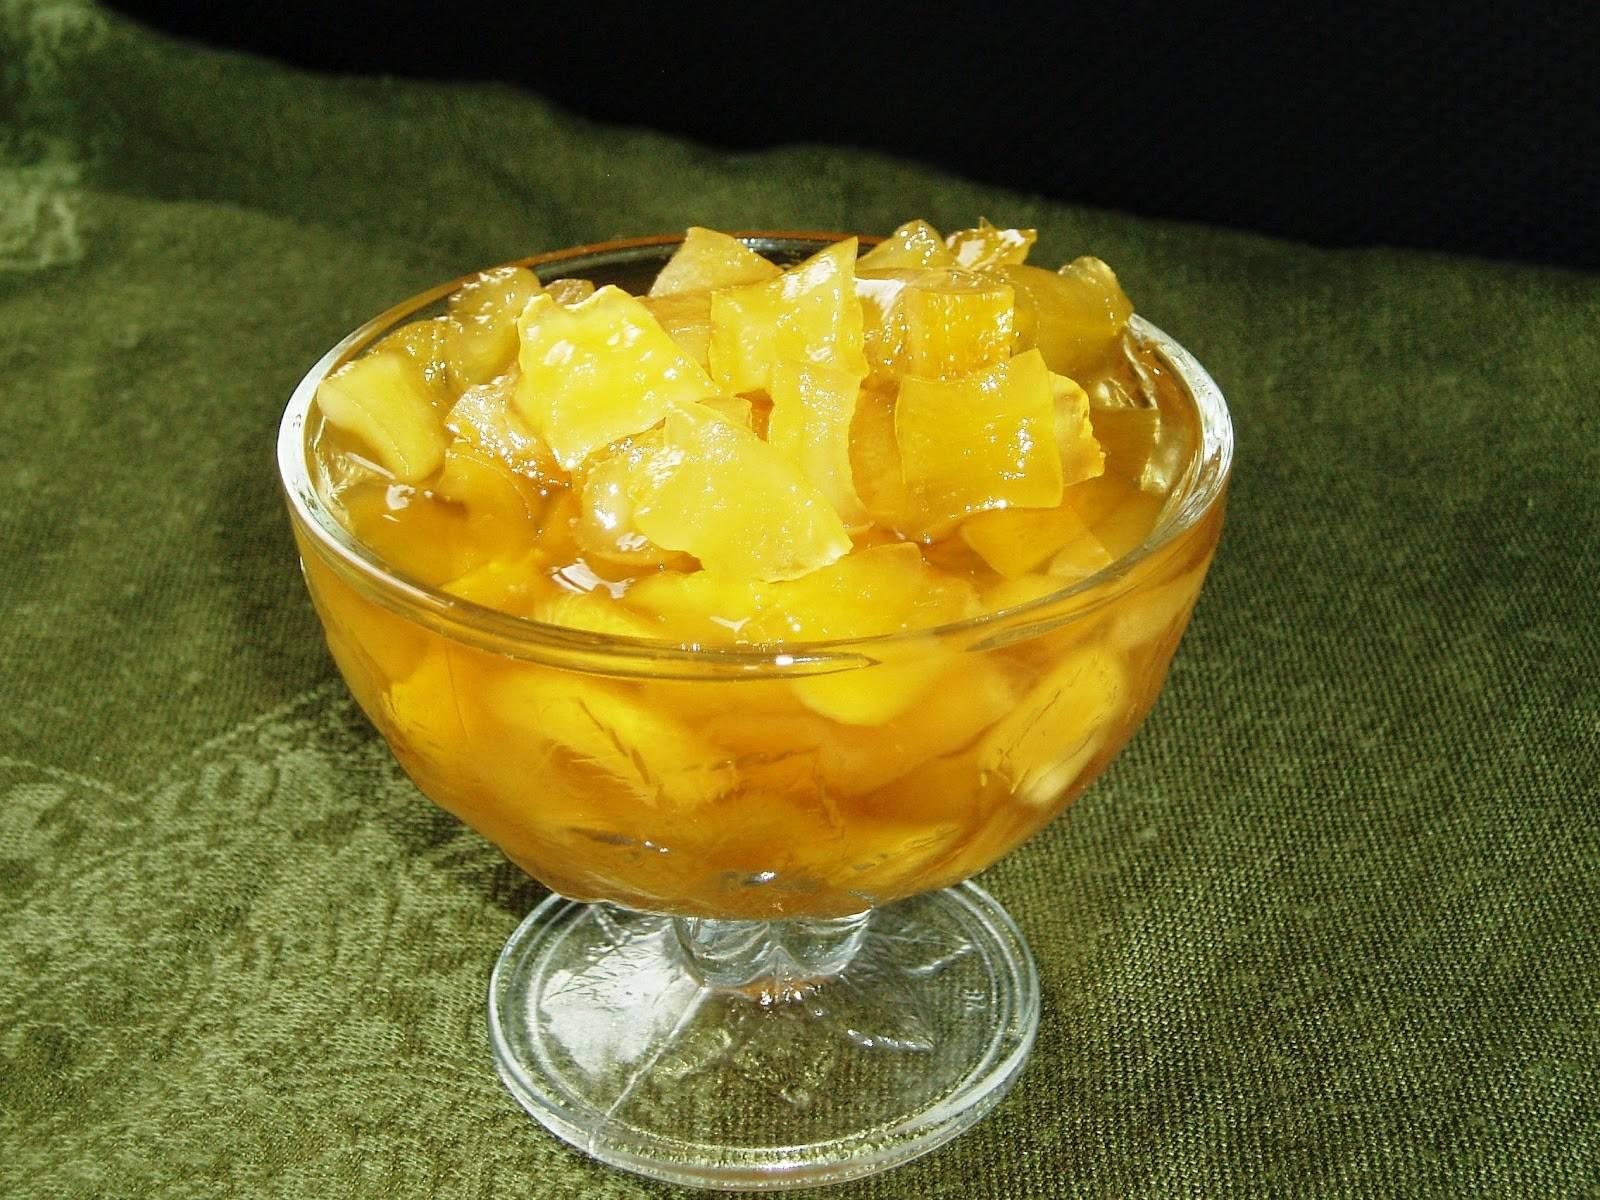 Варенье из кабачков с лимоном и апельсином — рецепты приготовления в мультиварке и обычным способом, видео